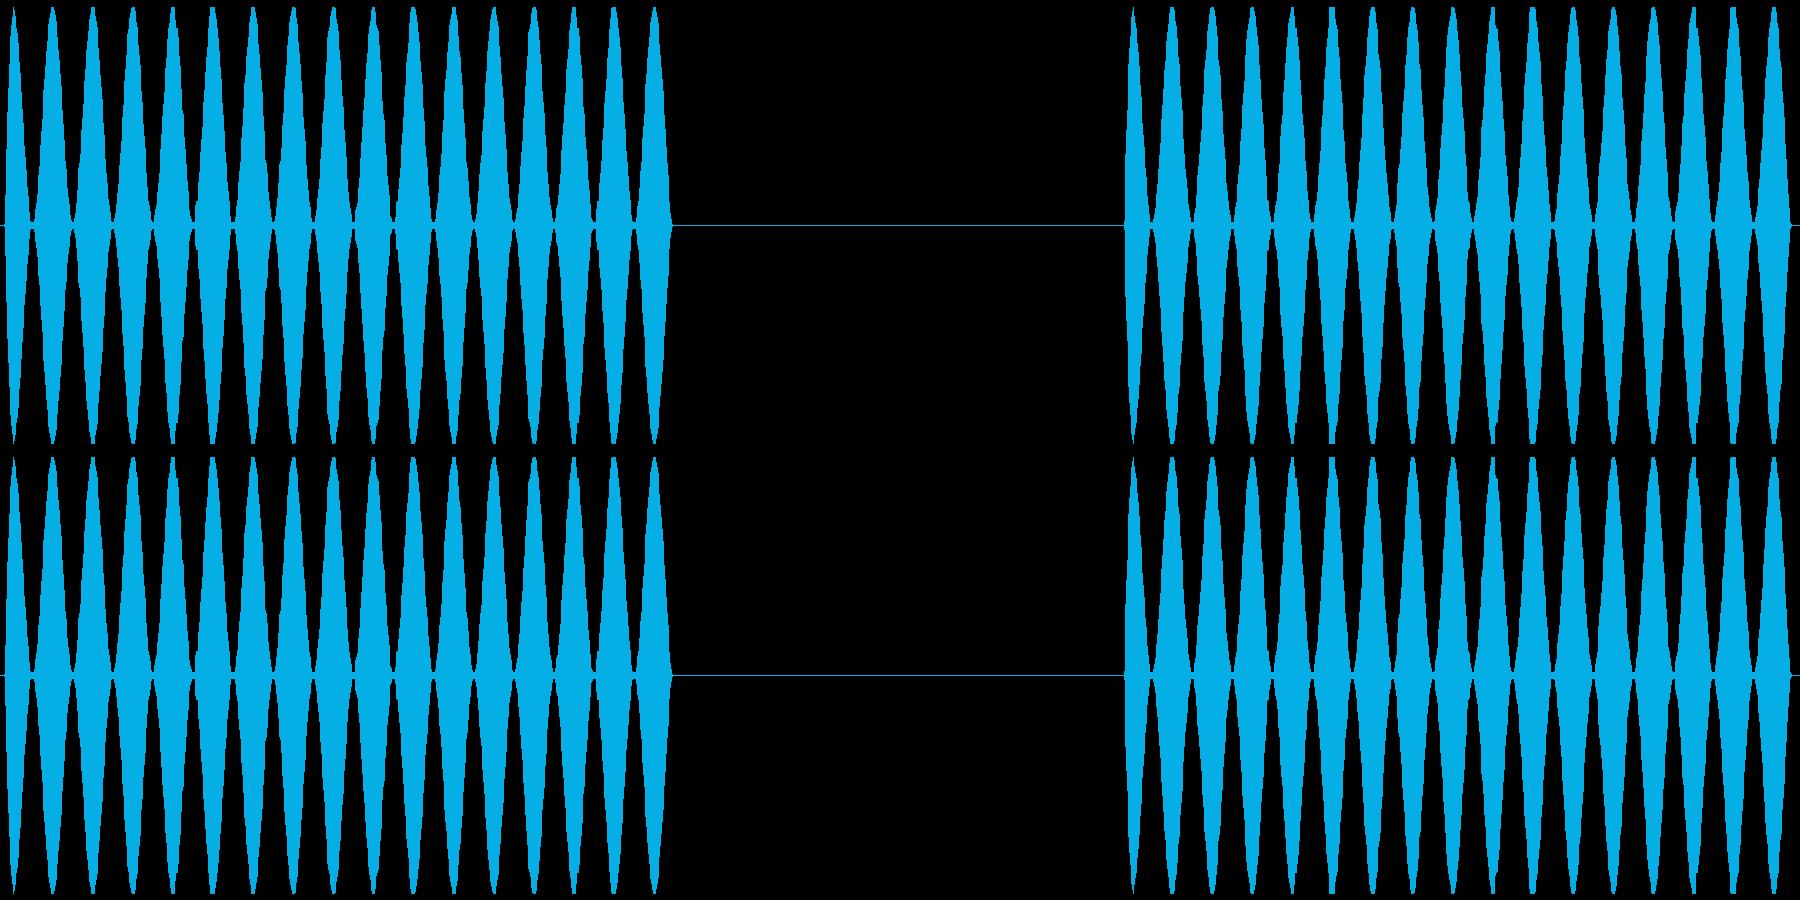 電話 呼び出し音 プルルルル×2 の再生済みの波形